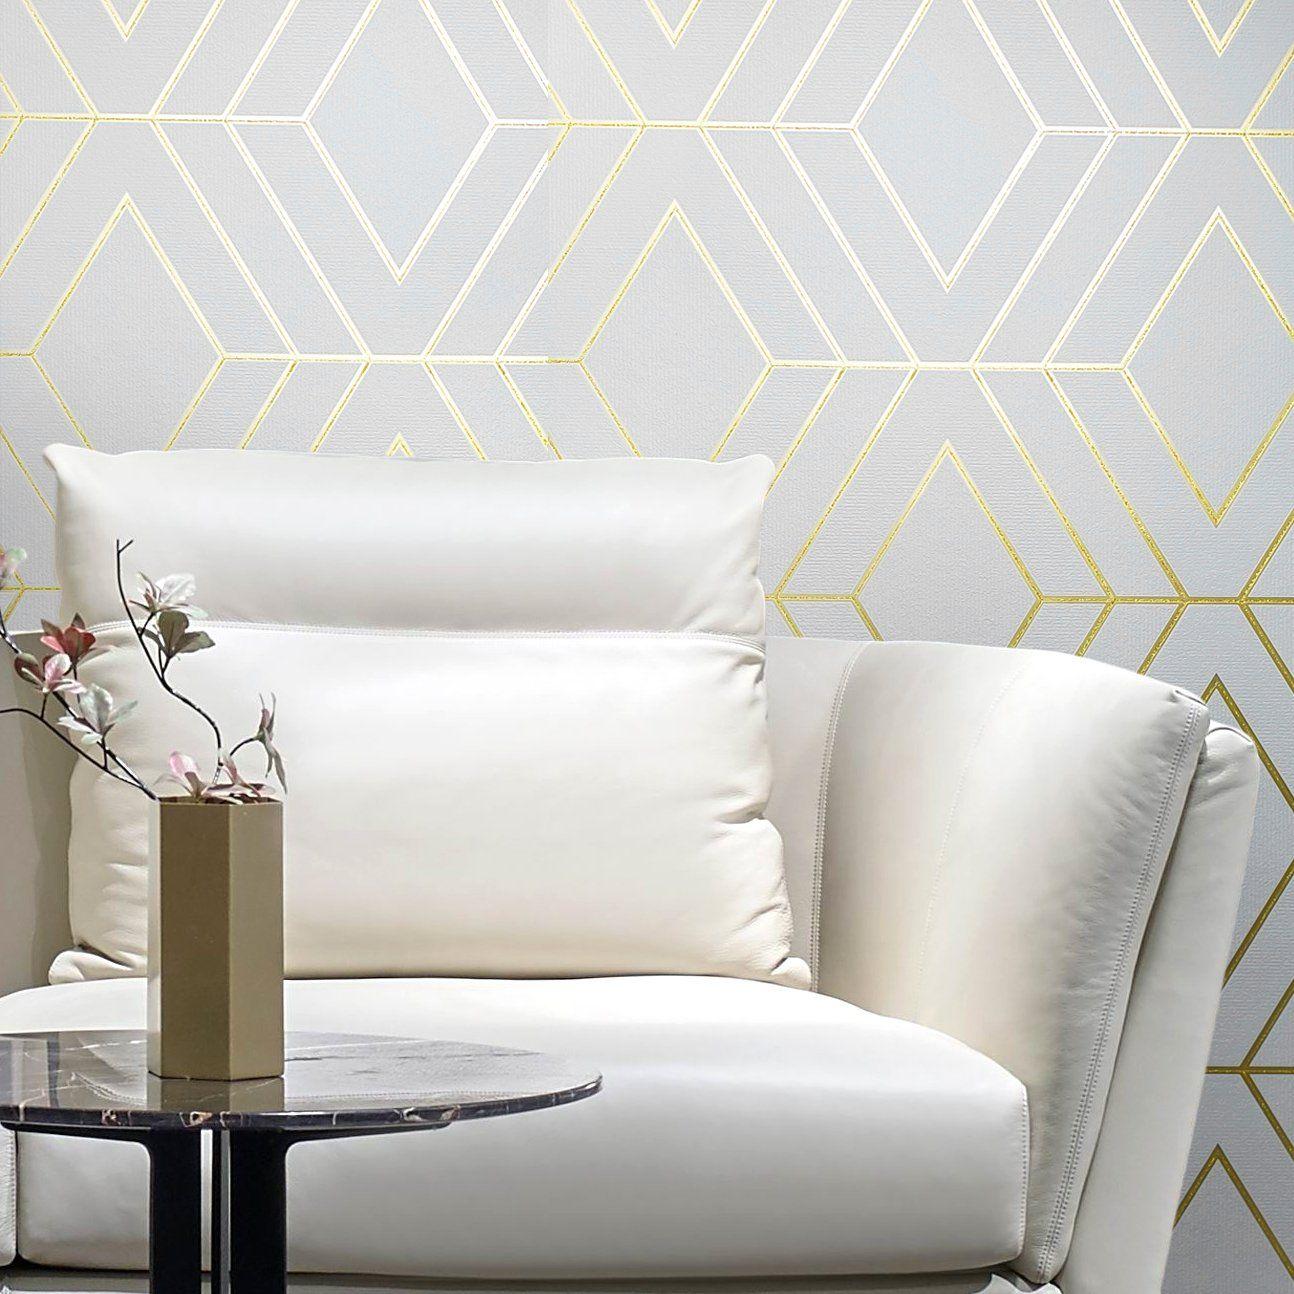 Wm42344 Geometric White Gold Glitter Wallpaper Gold Wallpaper Living Room Gold Wallpaper Bedroom Geometric Wallpaper White